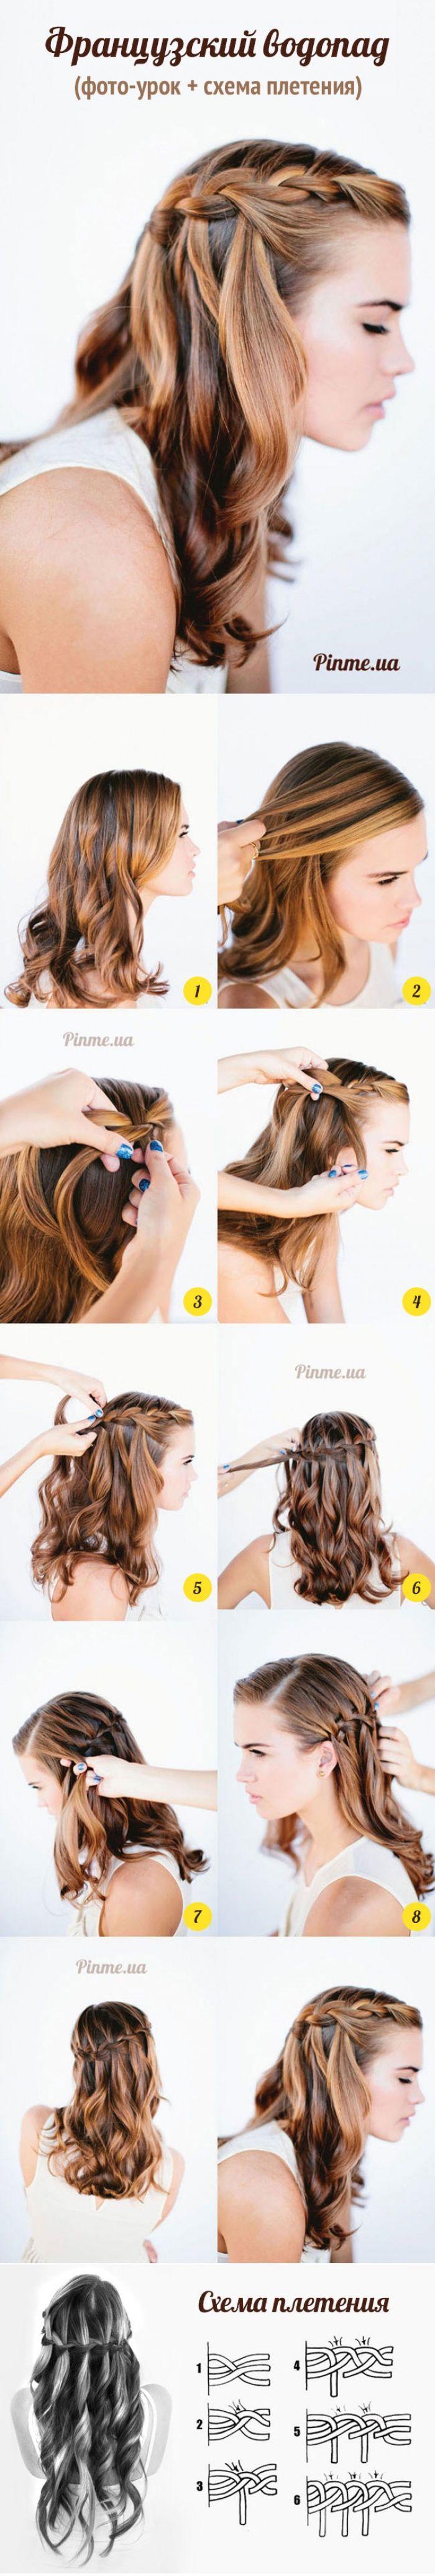 Как сделать прическу чтобы была и косичка и распущенные волосы